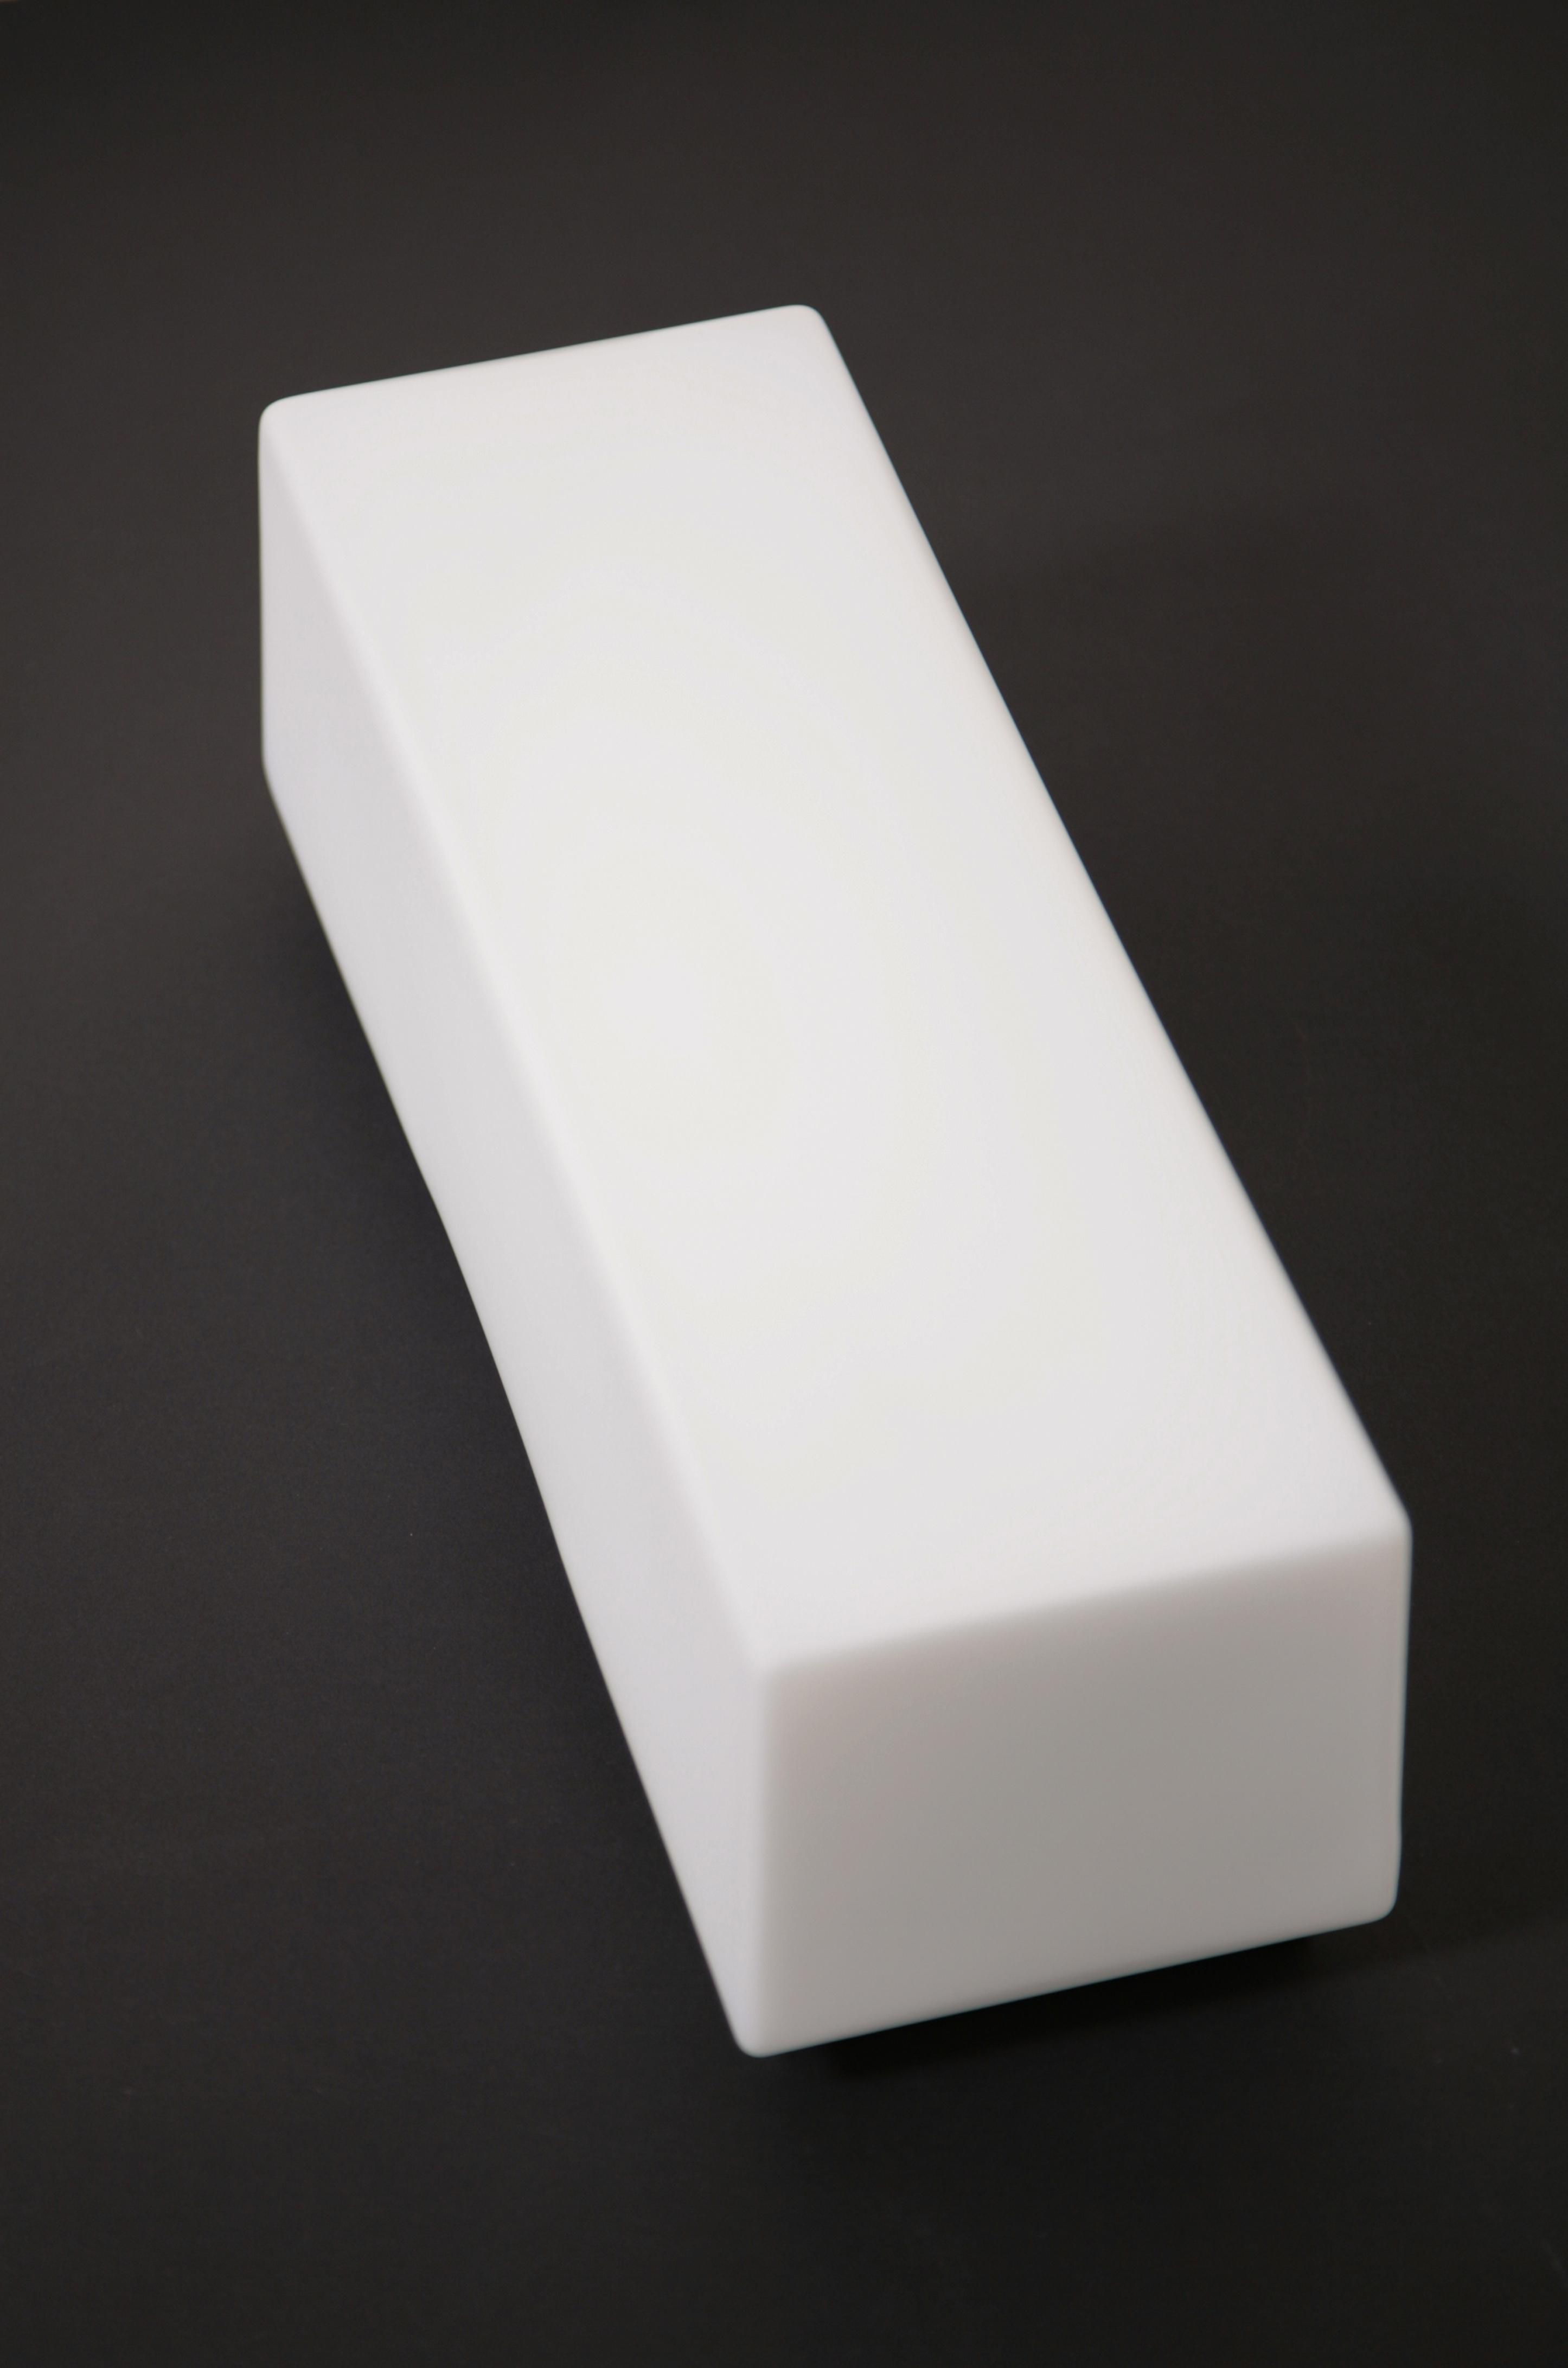 Lampada in vetro bianco